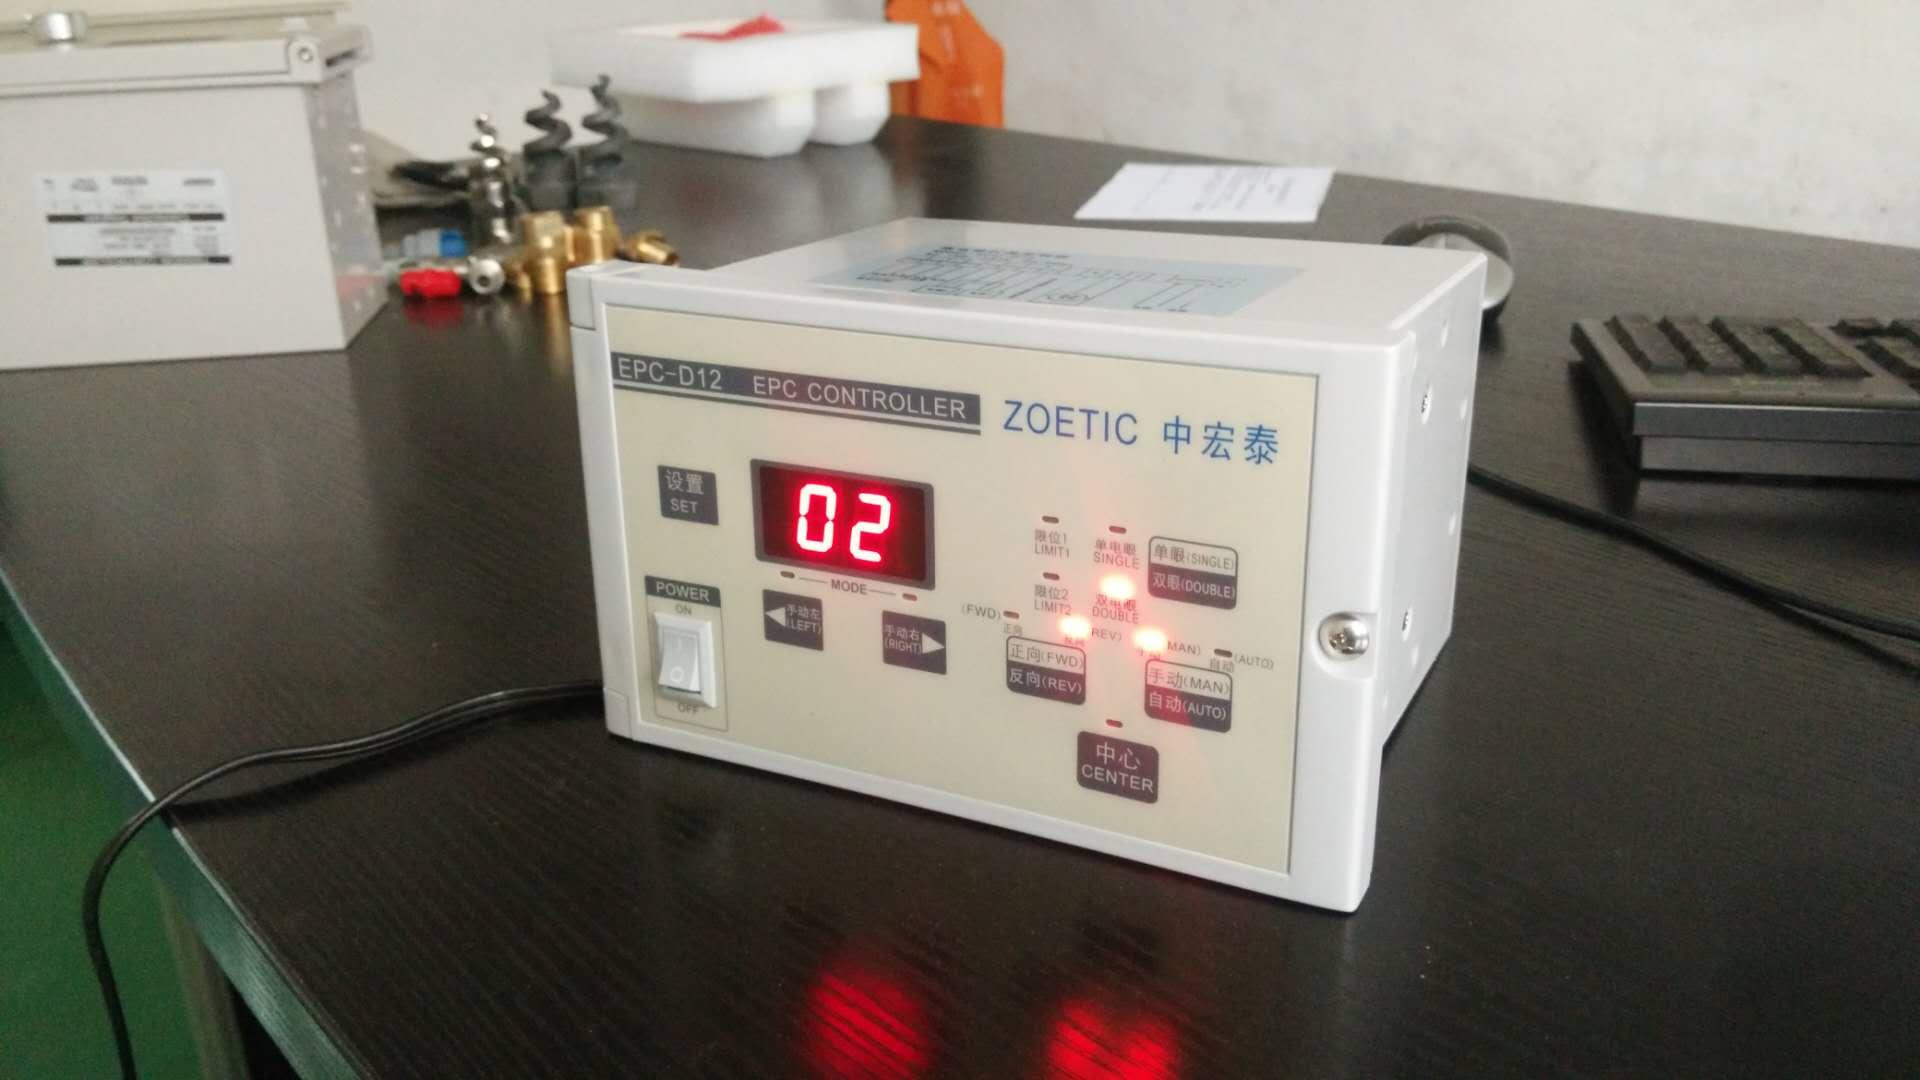 EPC-D12全自动纠偏控制器